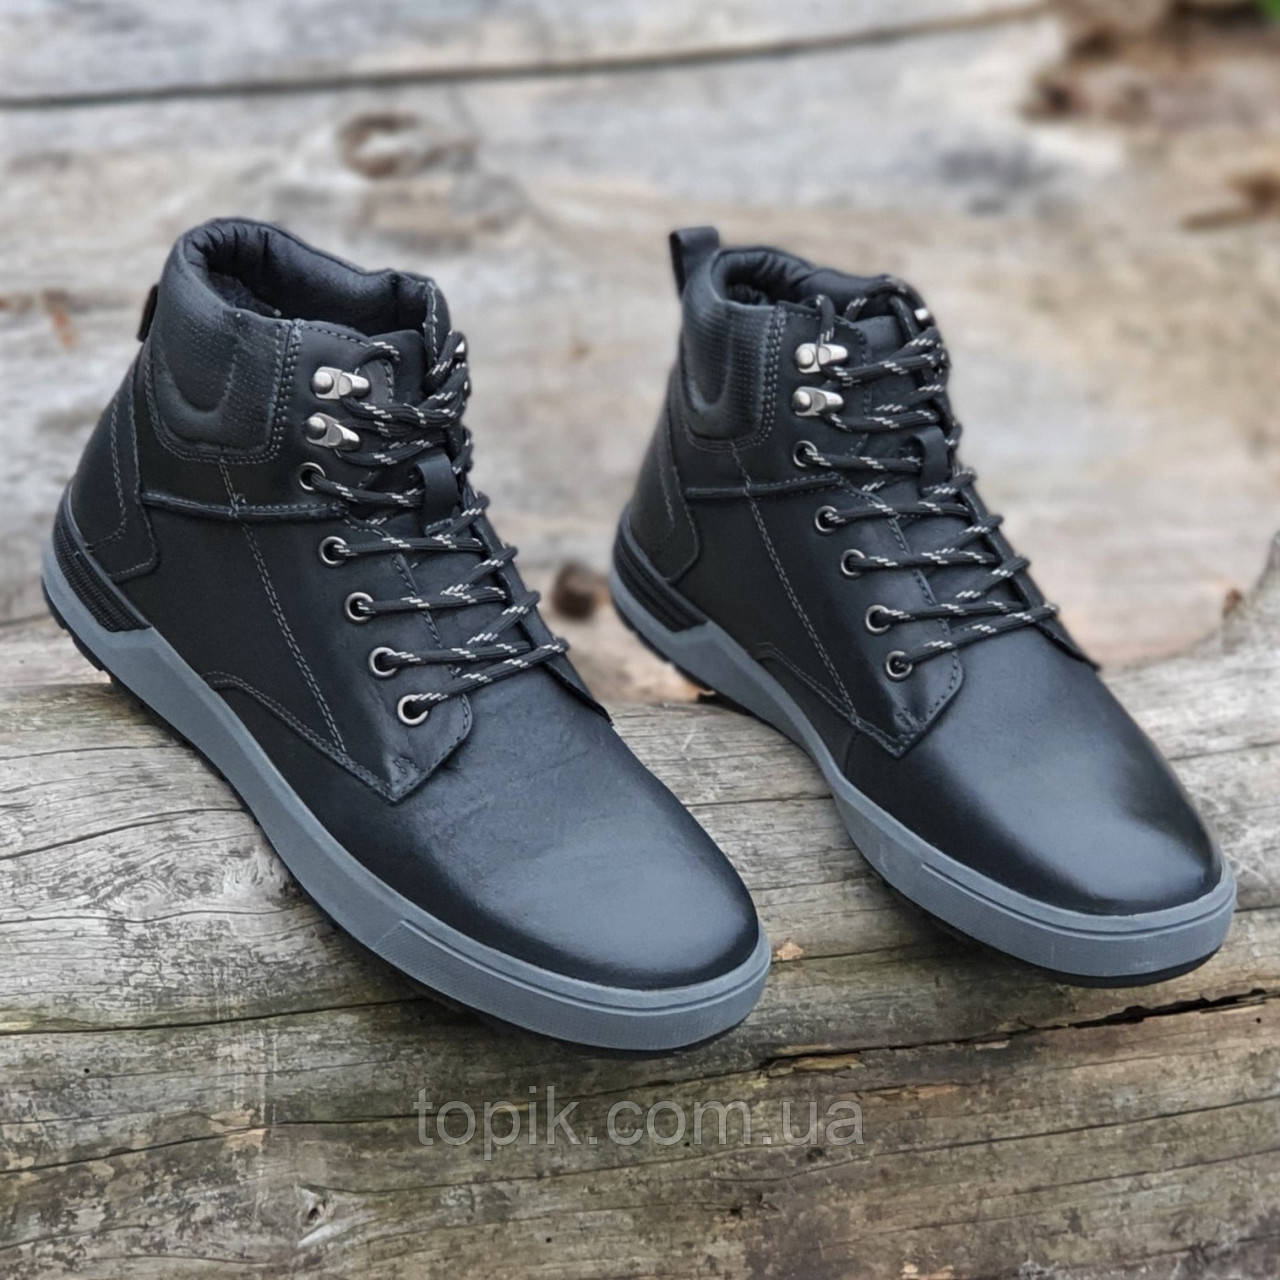 Ботинки мужские зимние кожаные молодежные черные на шнурках (Код: 1828a)